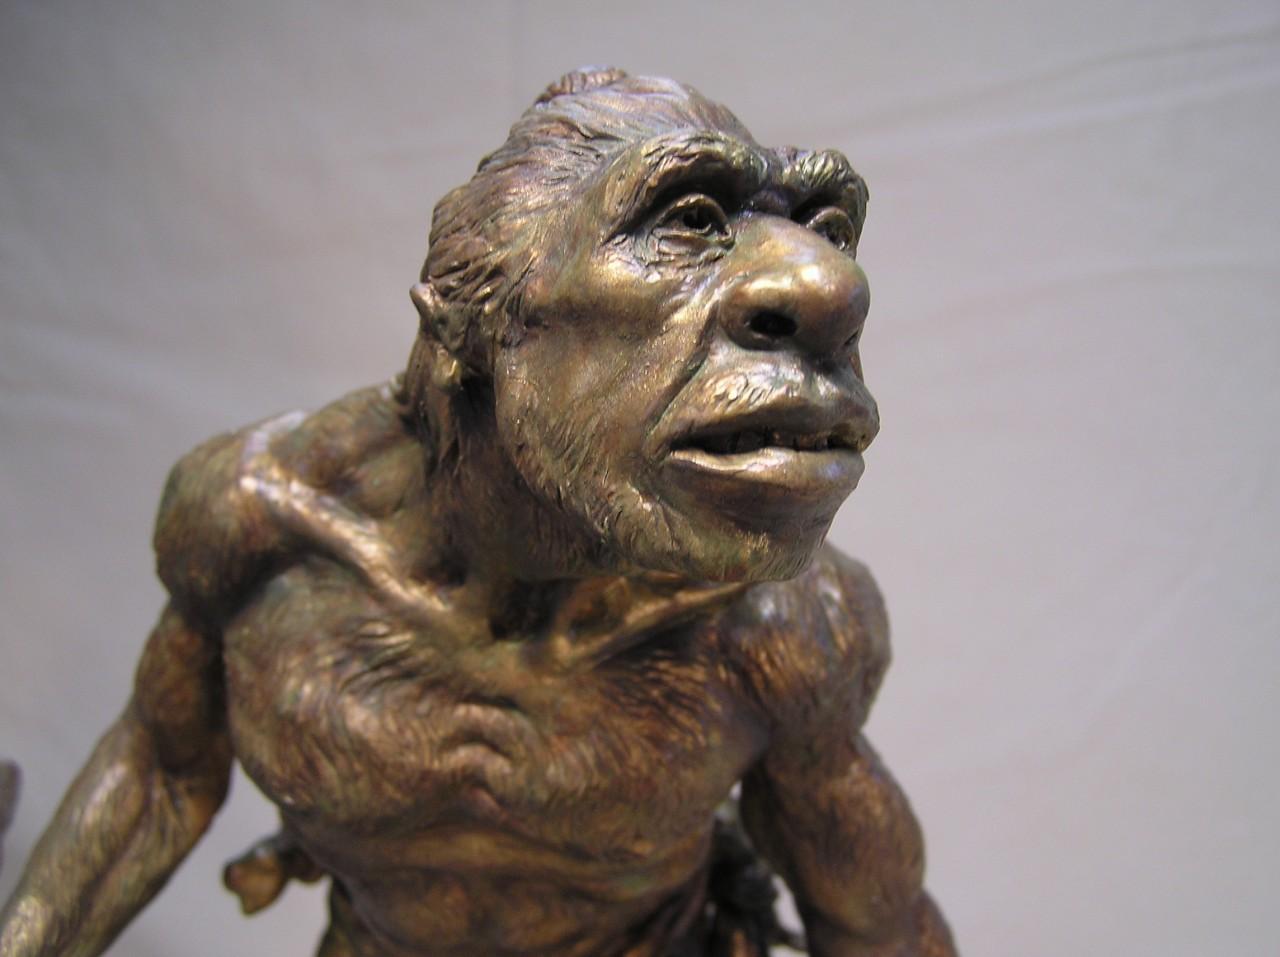 денисовцев из пещеры уэсос уличили в неандертальских корнях